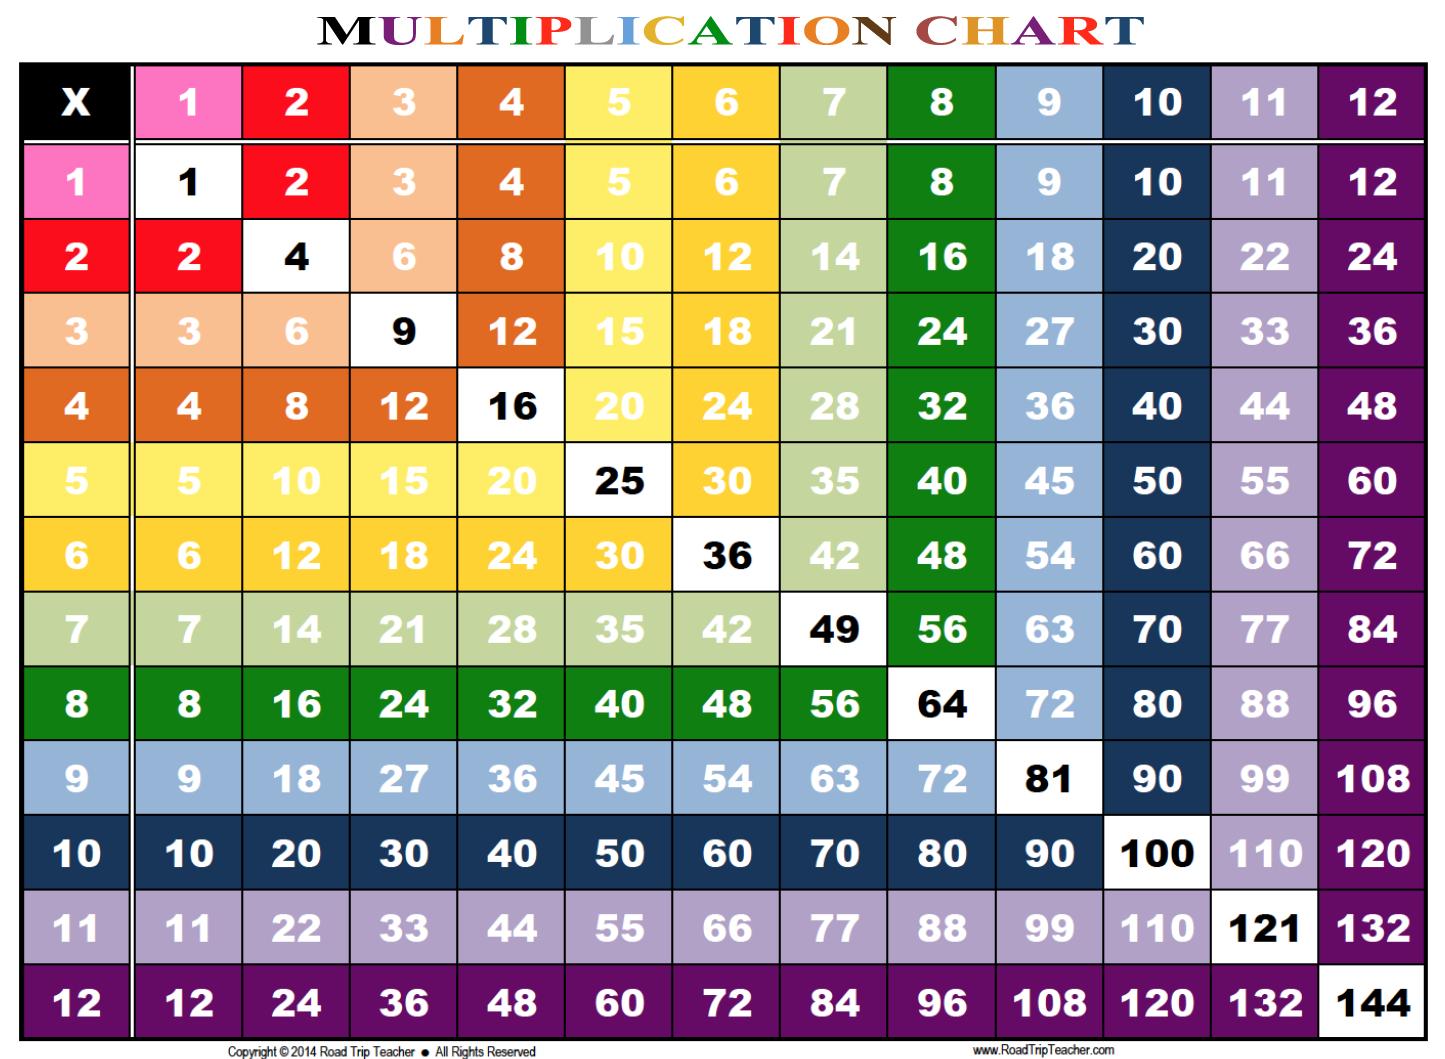 Multiplication Chart 1 12 Printable | Math | Multiplication Chart - Free Printable Multiplication Chart